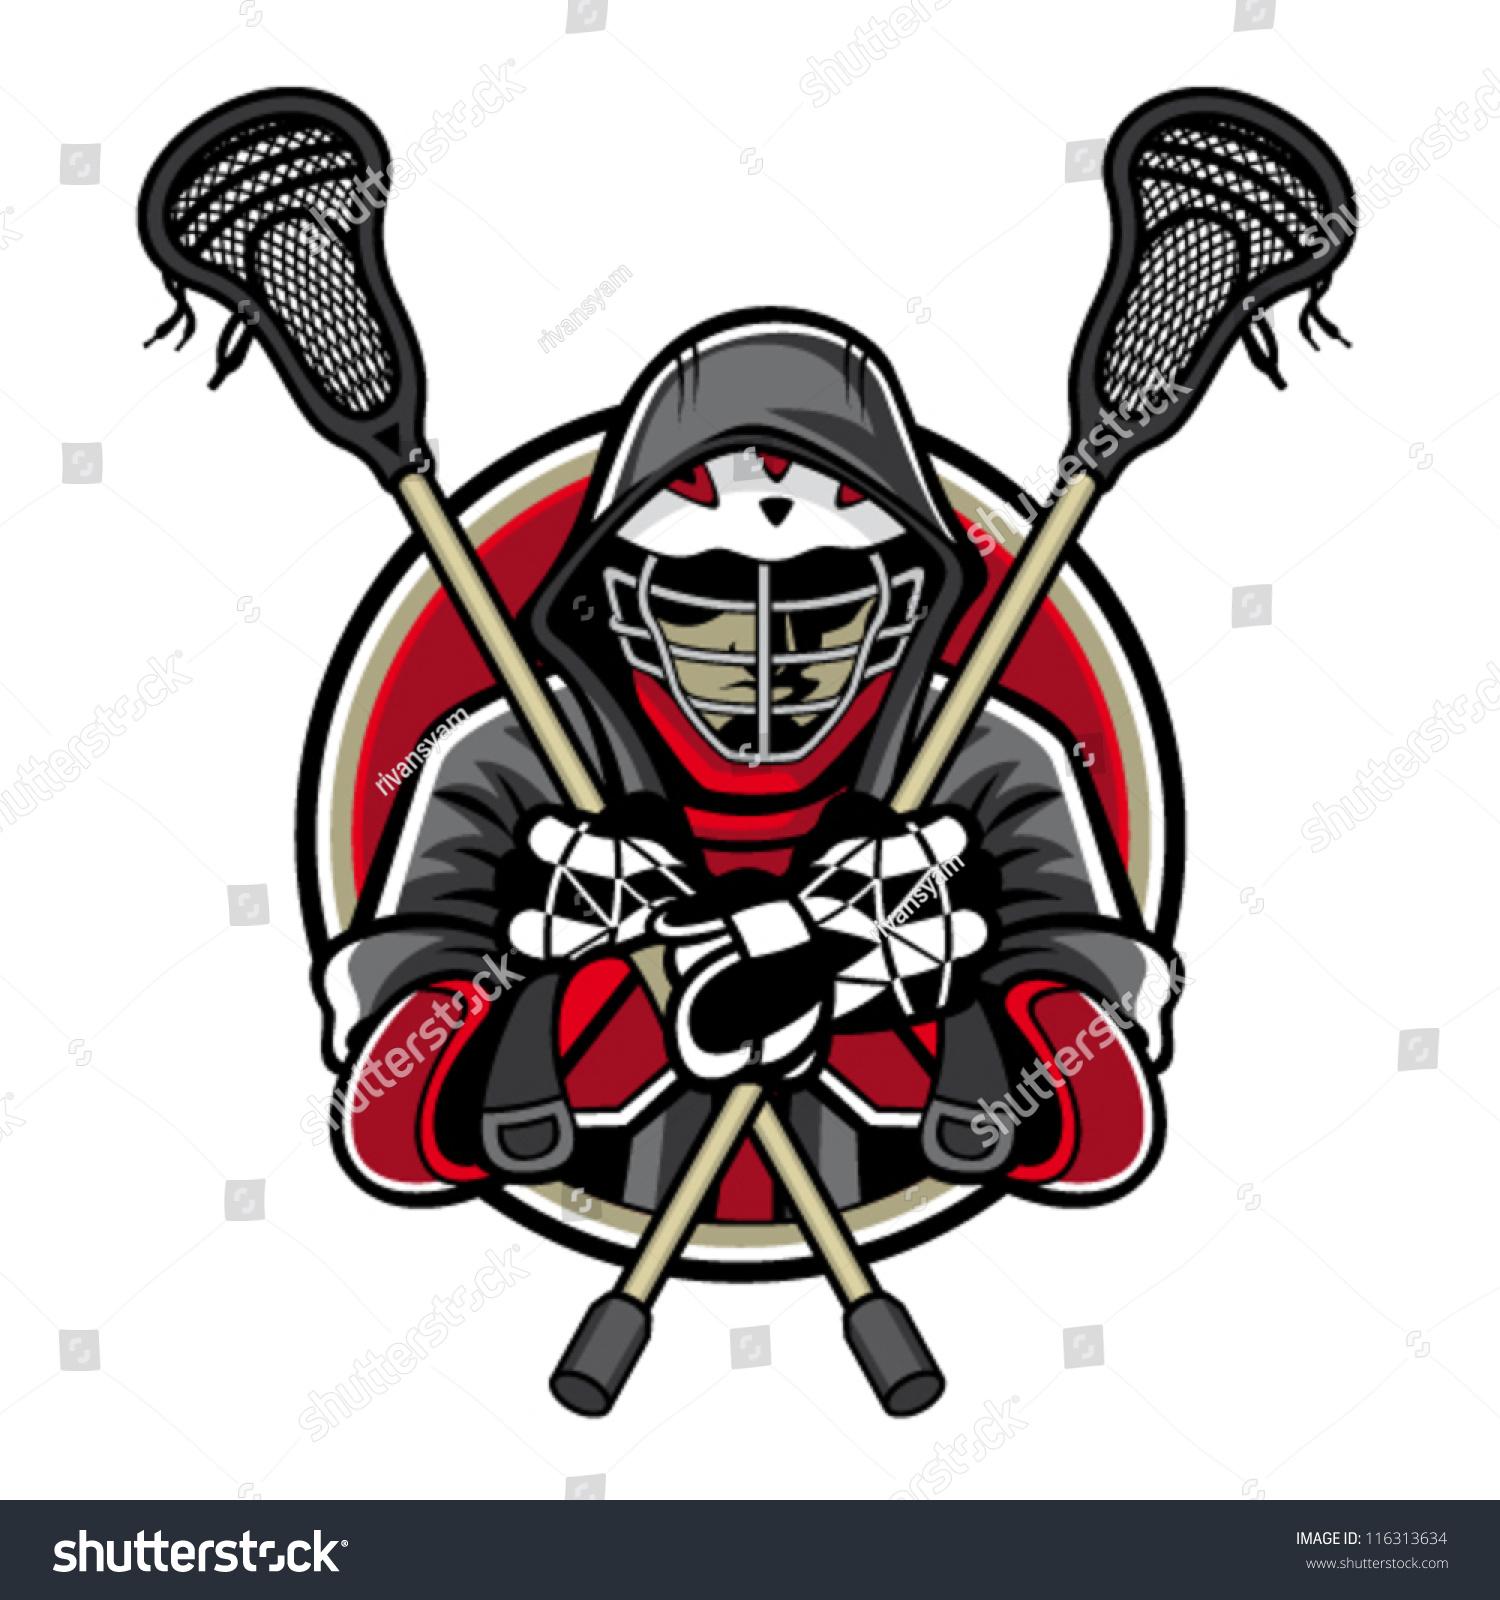 Illustration Lacrosse Players Crossed Lacrosse Sticks ...